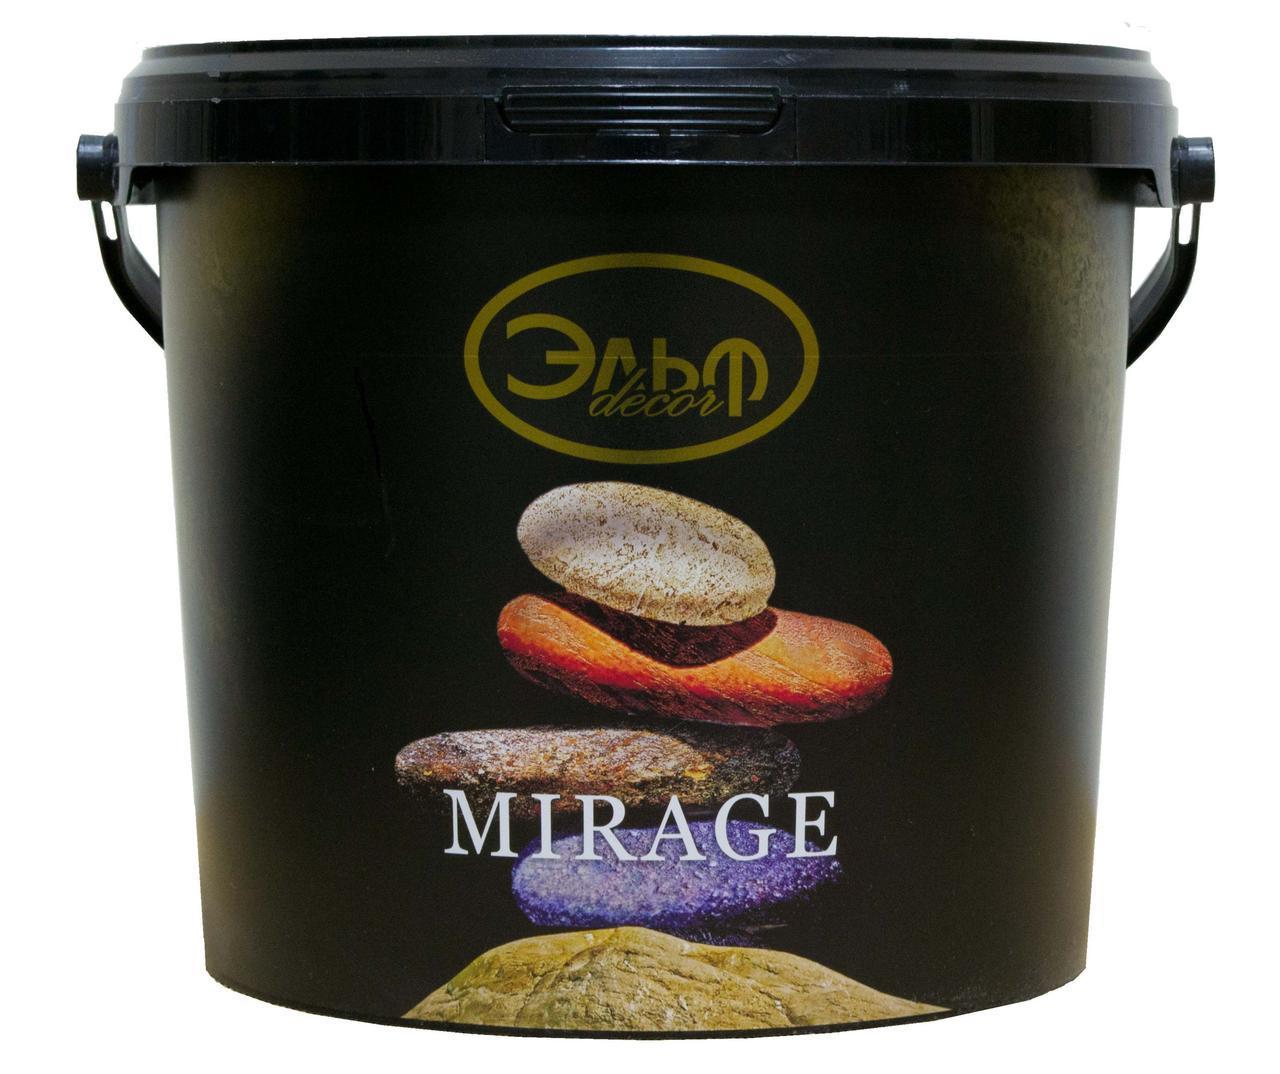 MIRAGE Gold (Мираж), Эльф, декоративное покрытие, золотистая база, 5кг